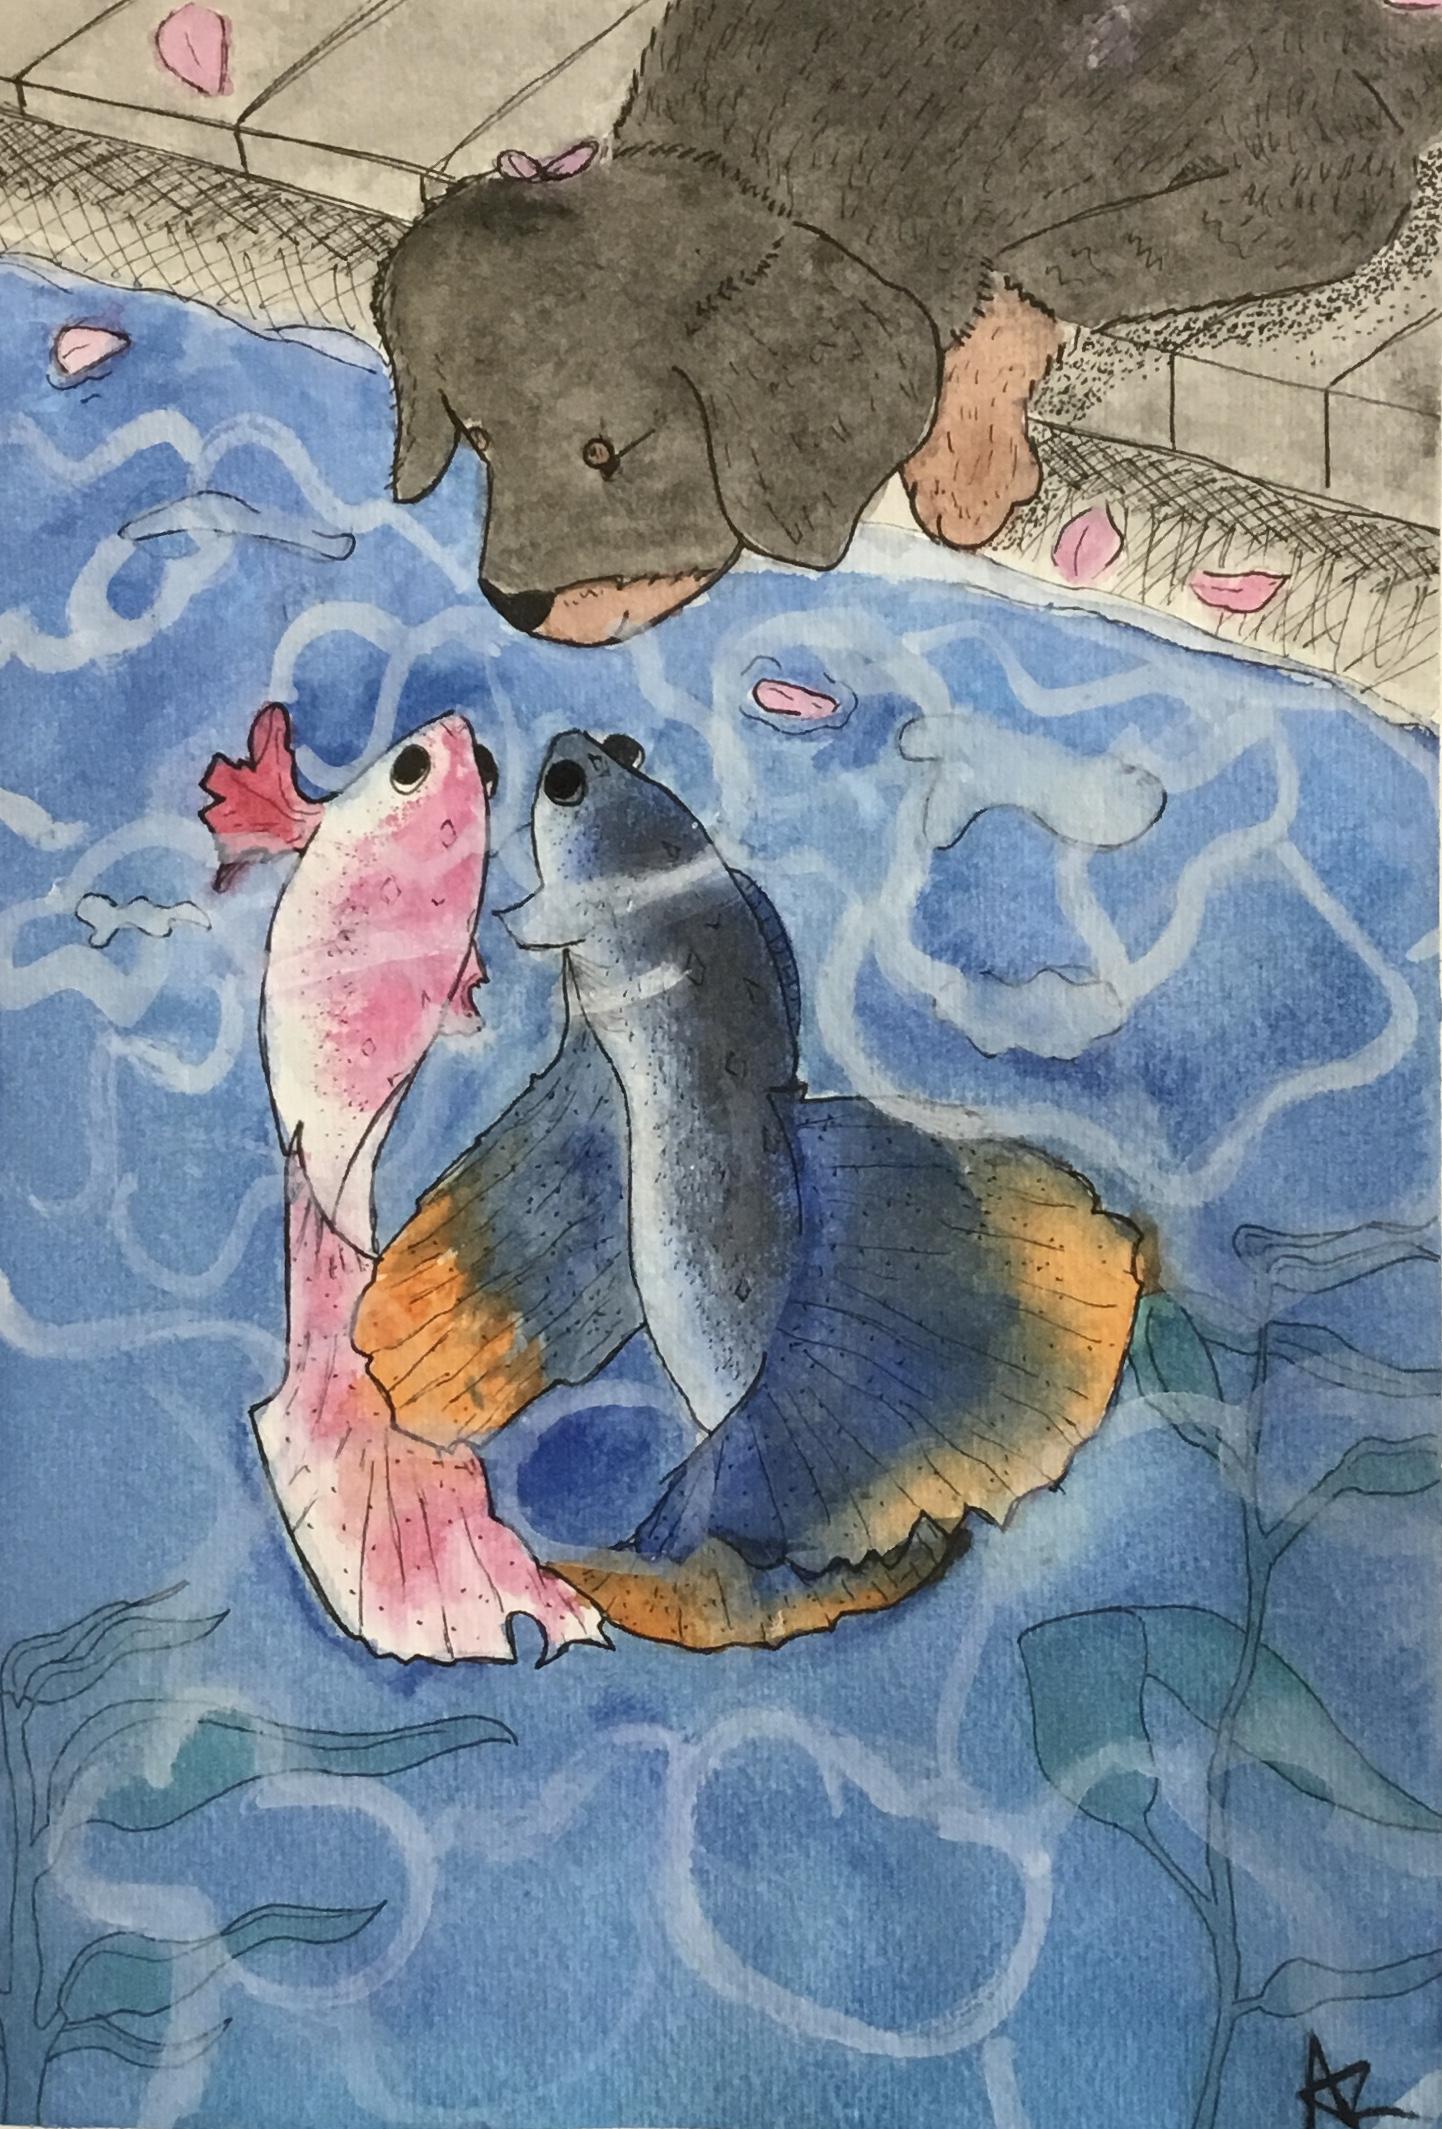 dog and fish watercolor